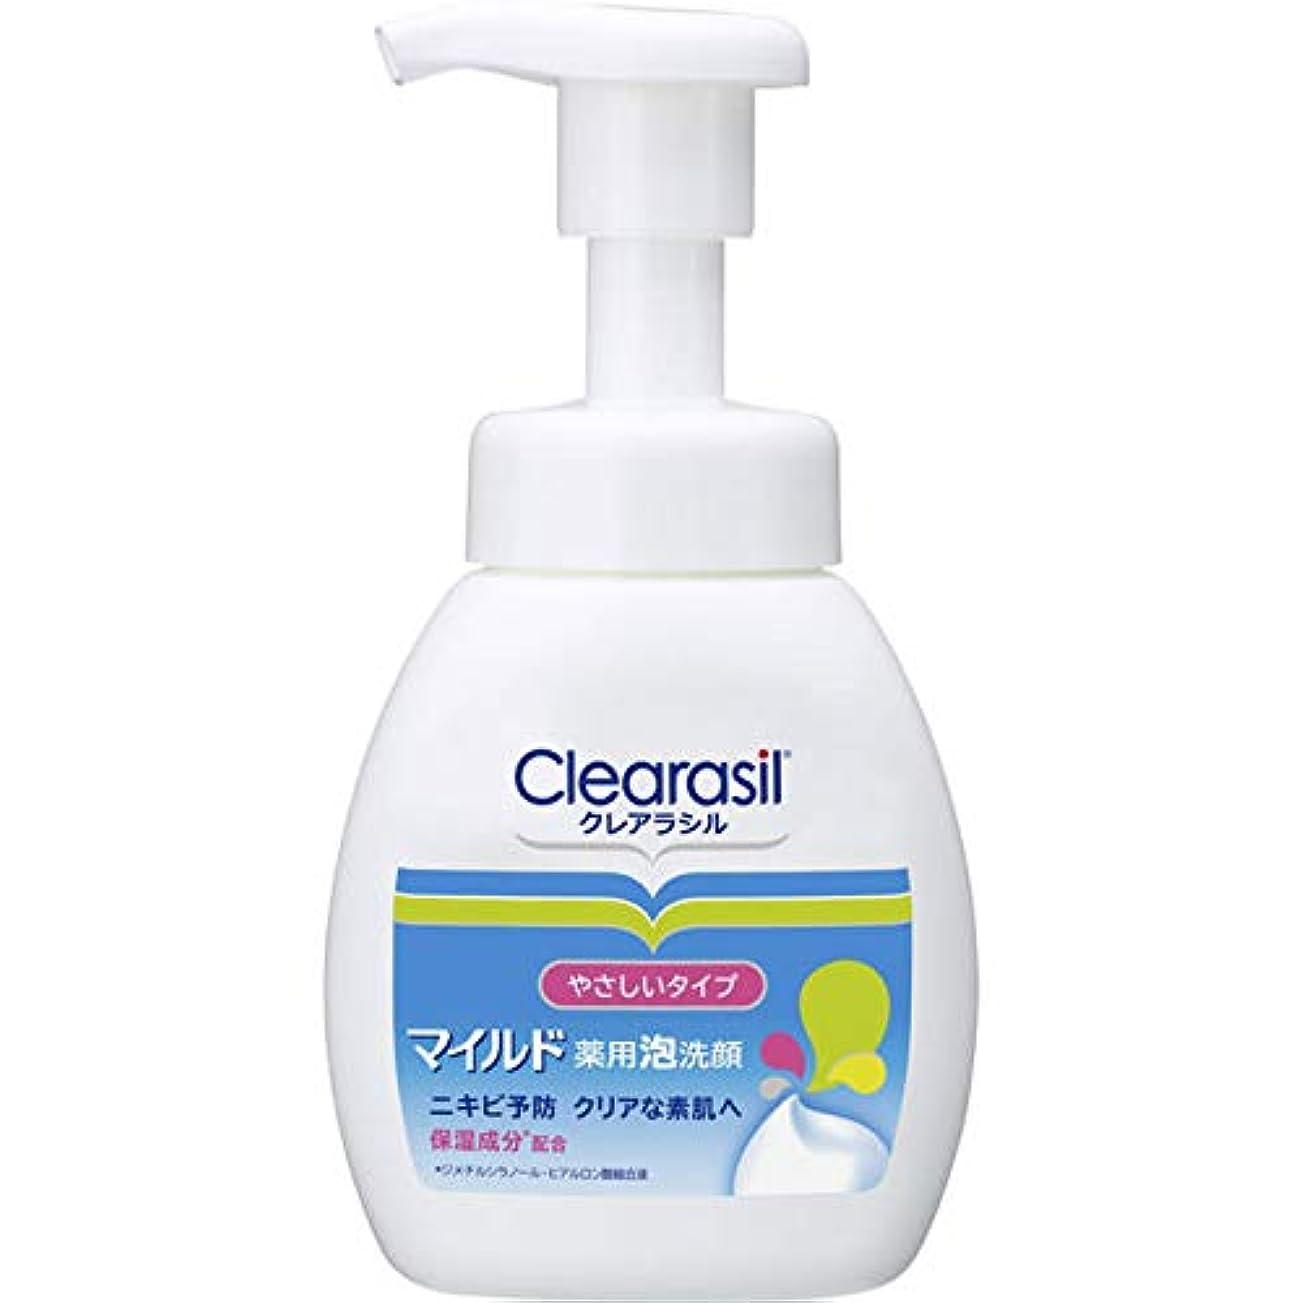 特徴づけるジェームズダイソン情熱レキットベンキーザー?ジャパン クレアラシル 薬用泡洗顔フォーム マイルドタイプ 200ml